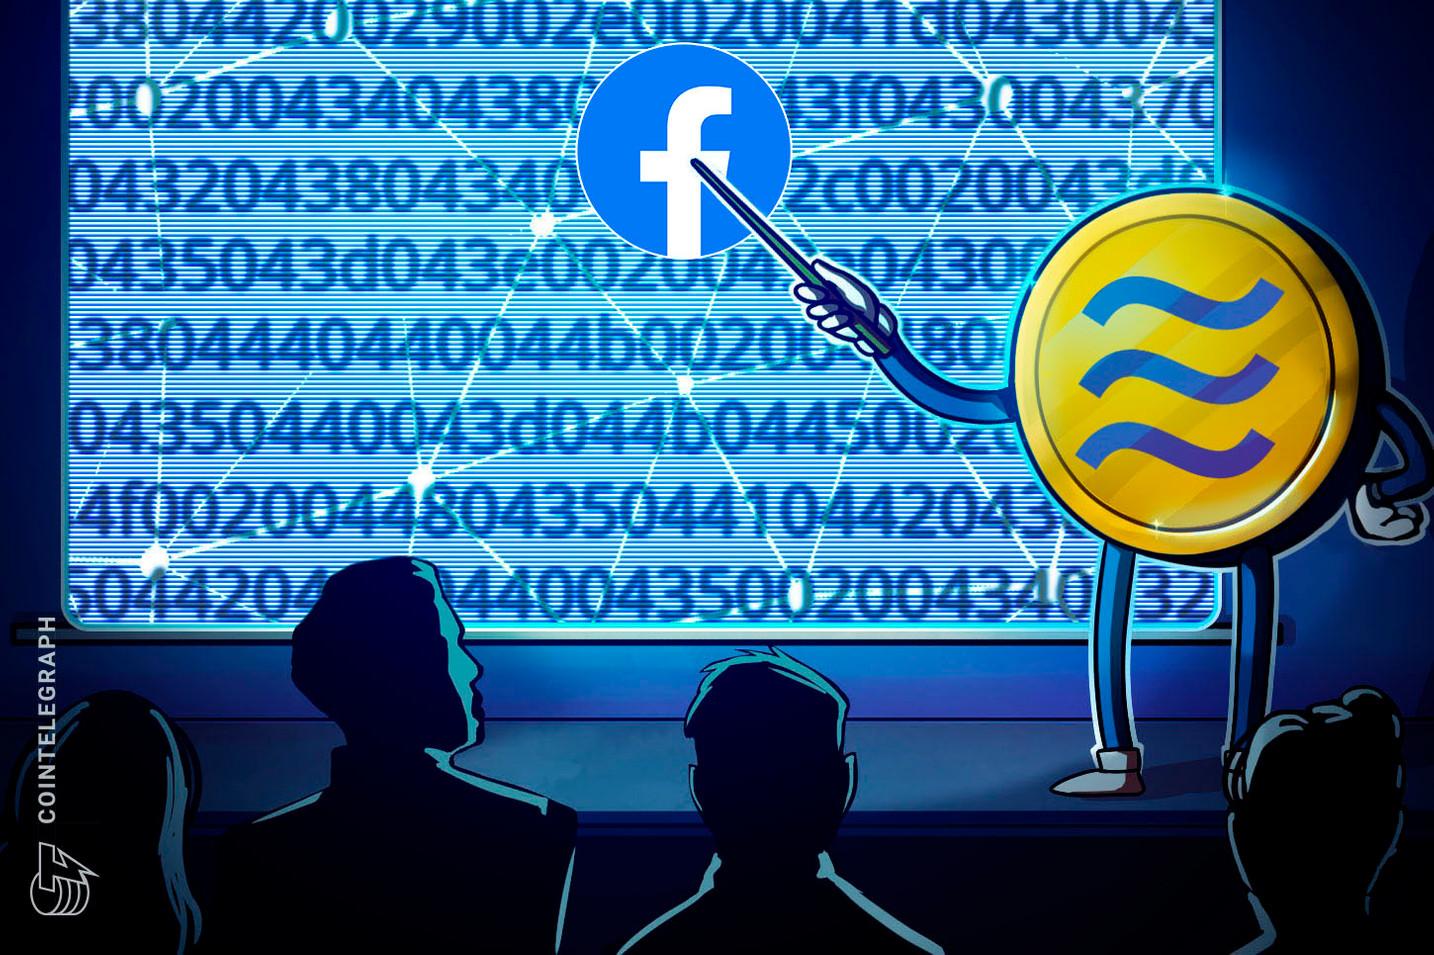 仮想通貨リブラってお金になるの?フェイスブックのザッカーバーグCEOが株主に回答